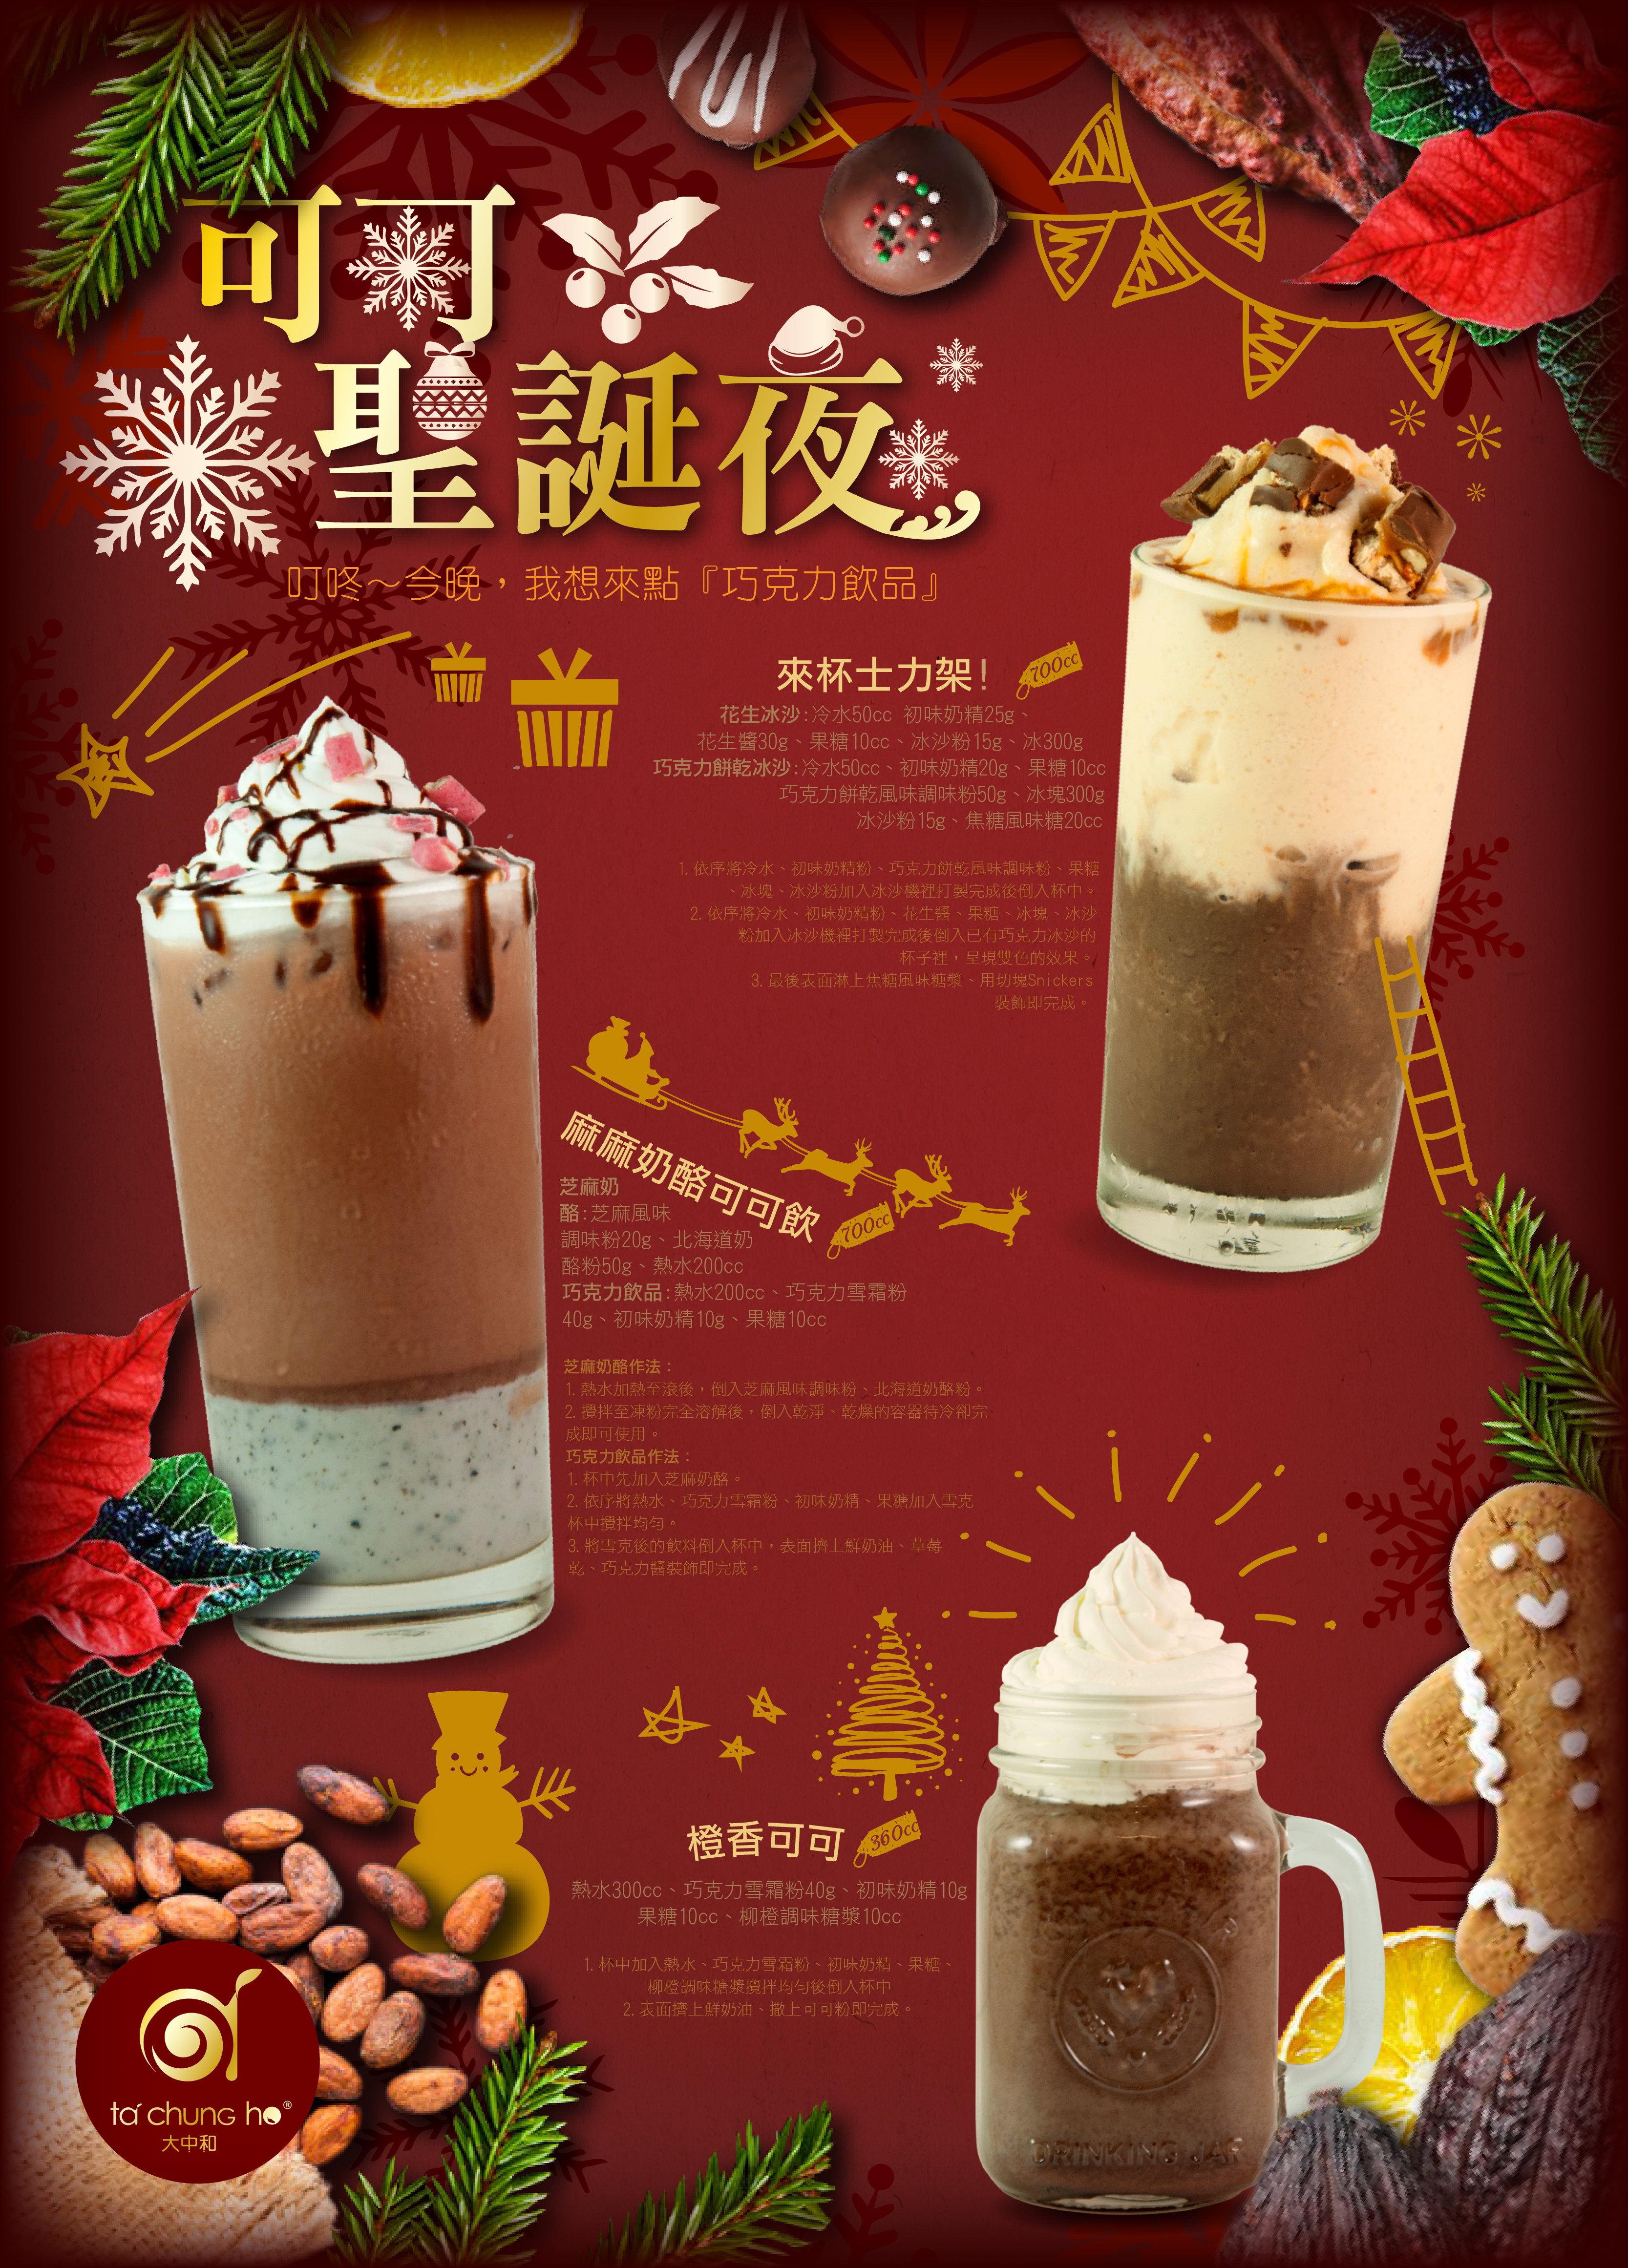 2020●聖誕節飲品●可可聖誕夜 - 聖誕節,聖誕節飲品,巧克力,芝麻,奶茶,珍珠奶茶原物料